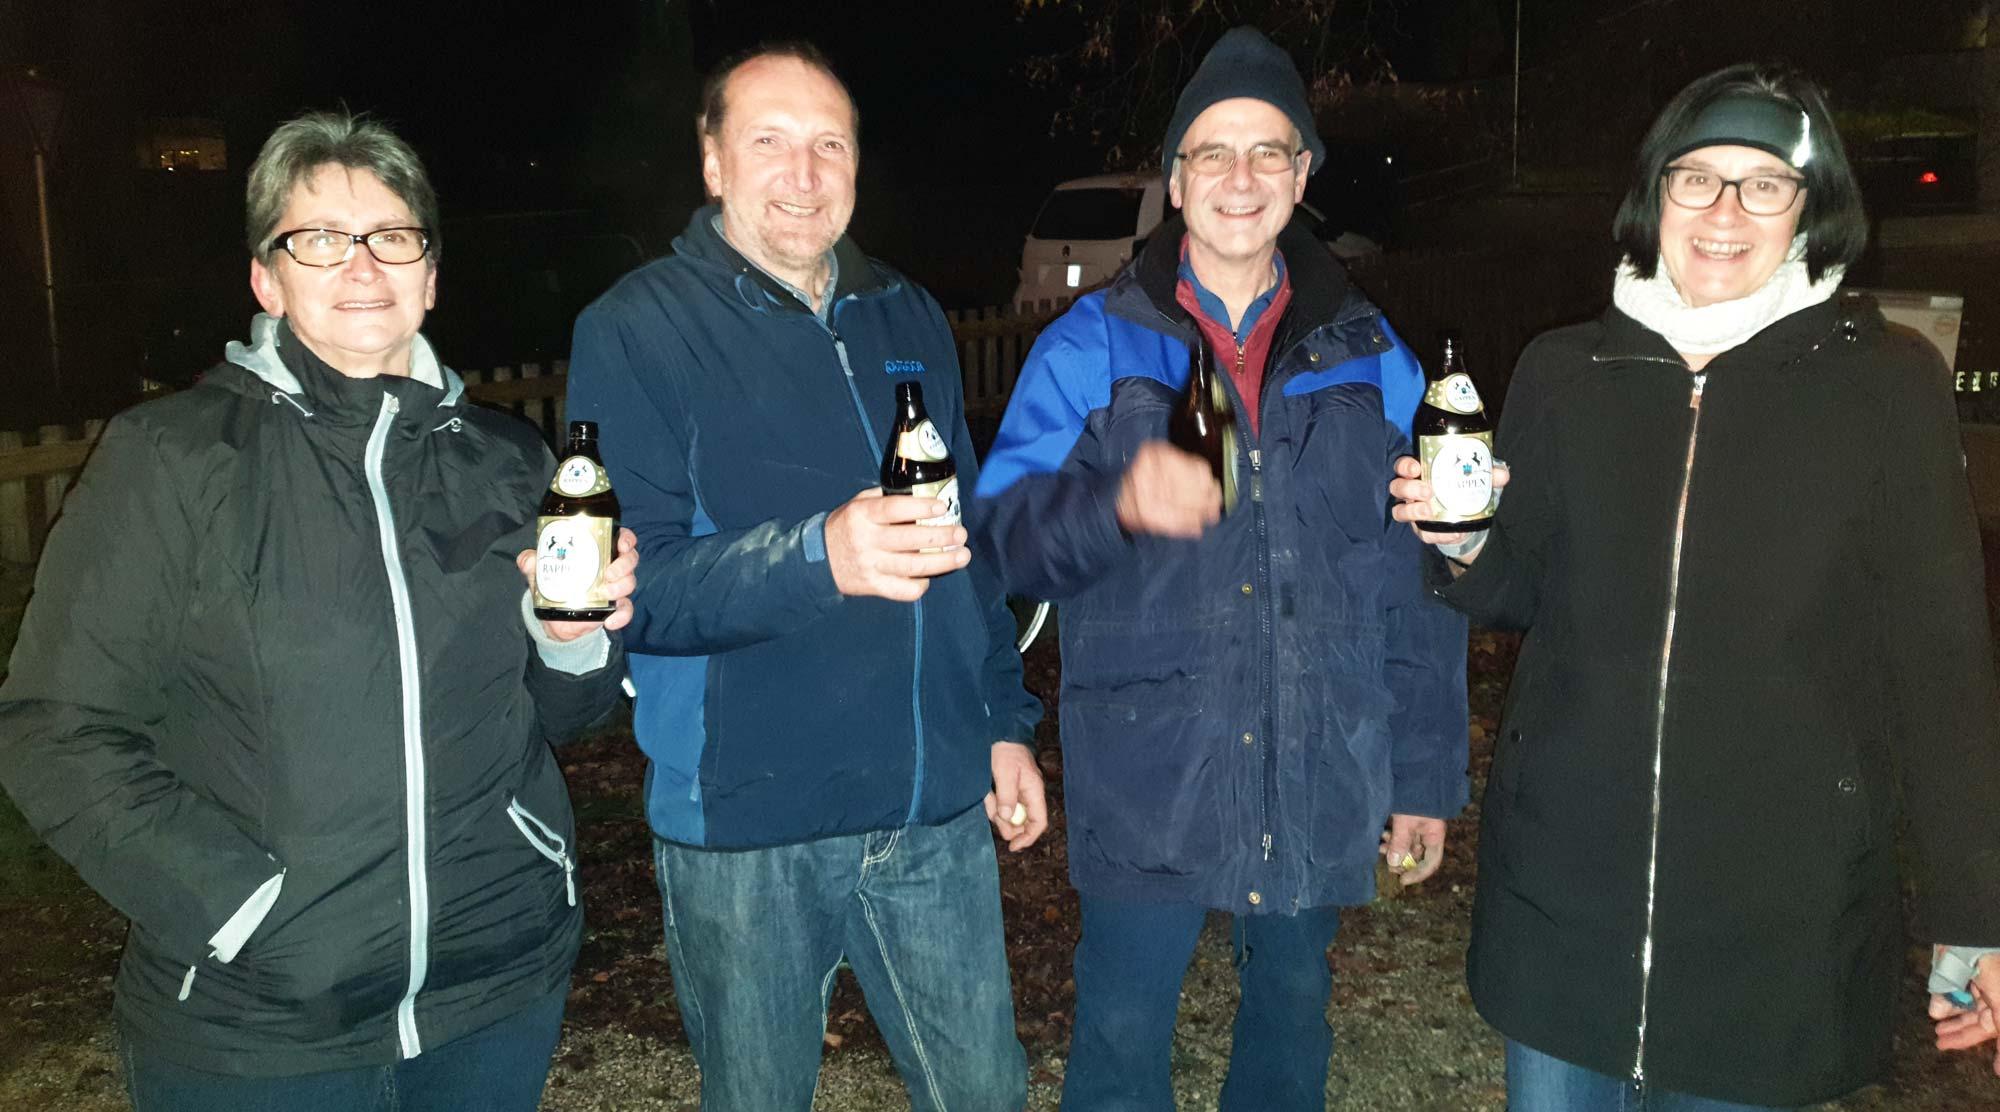 2019 Adventsmarkt in Gottmannshofen - Verdientes Feierabend-Bier zum Abschluss